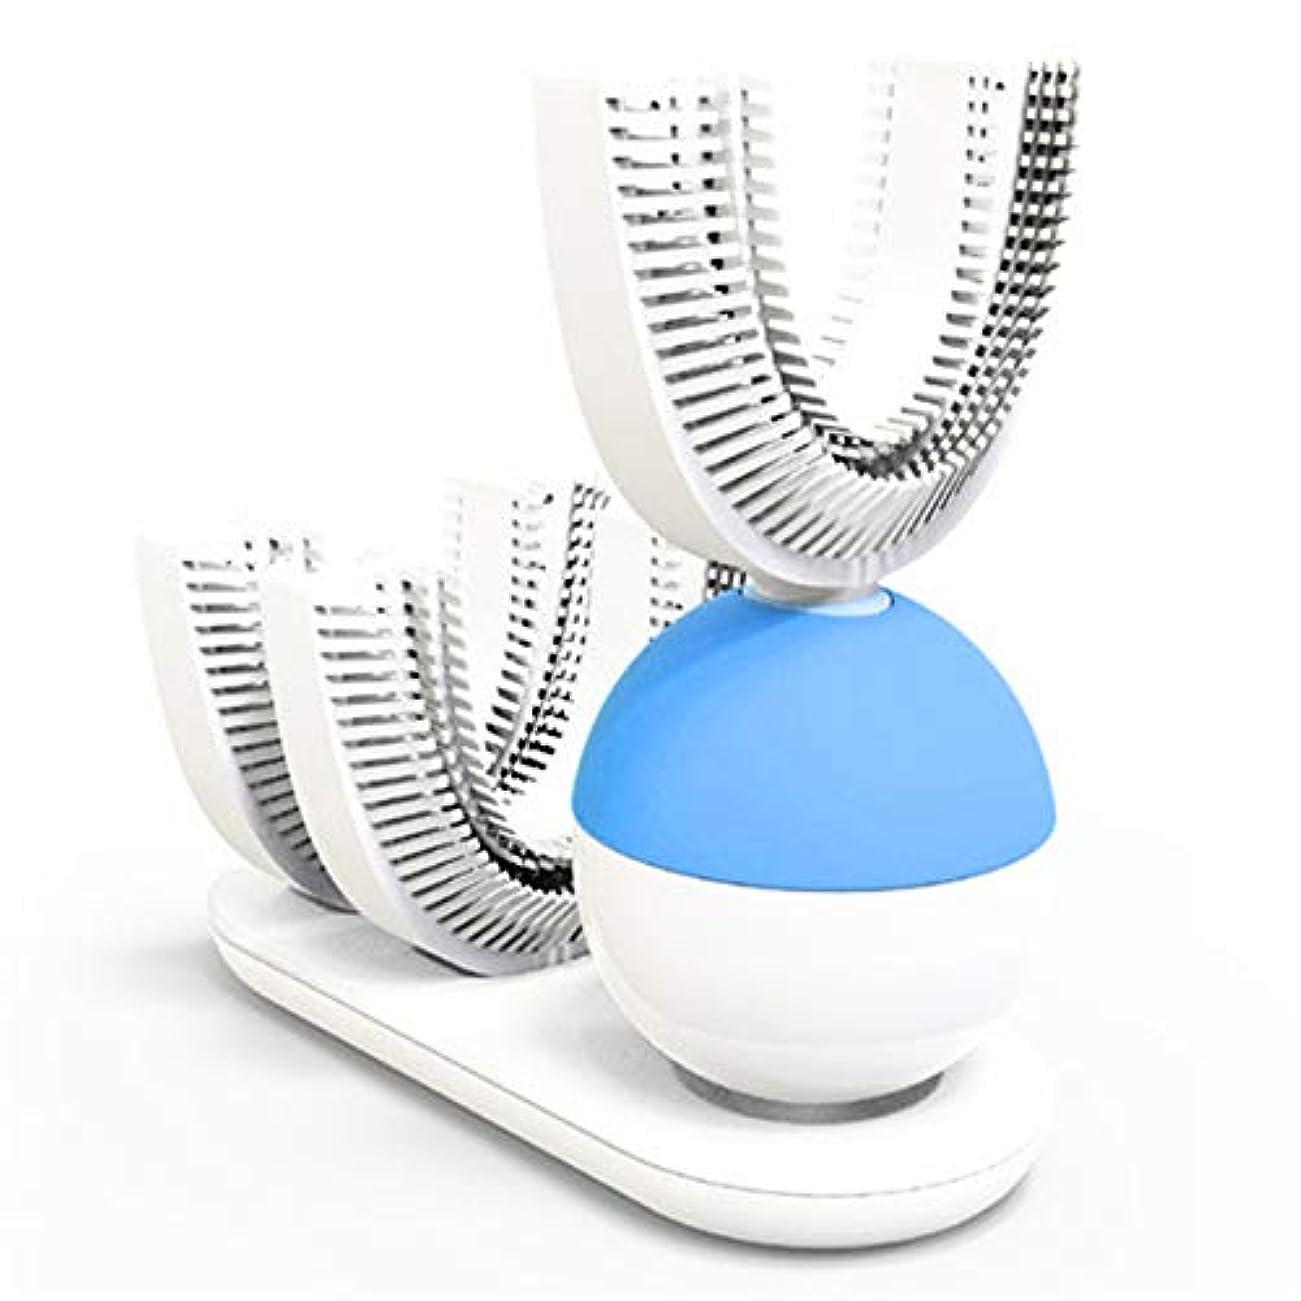 兄大宇宙社説電動歯ブラシ 自動歯ブラシ U型 360°全方位 超音波 怠け者歯ブラシ ワイヤレス充電 歯ブラシヘッド付き